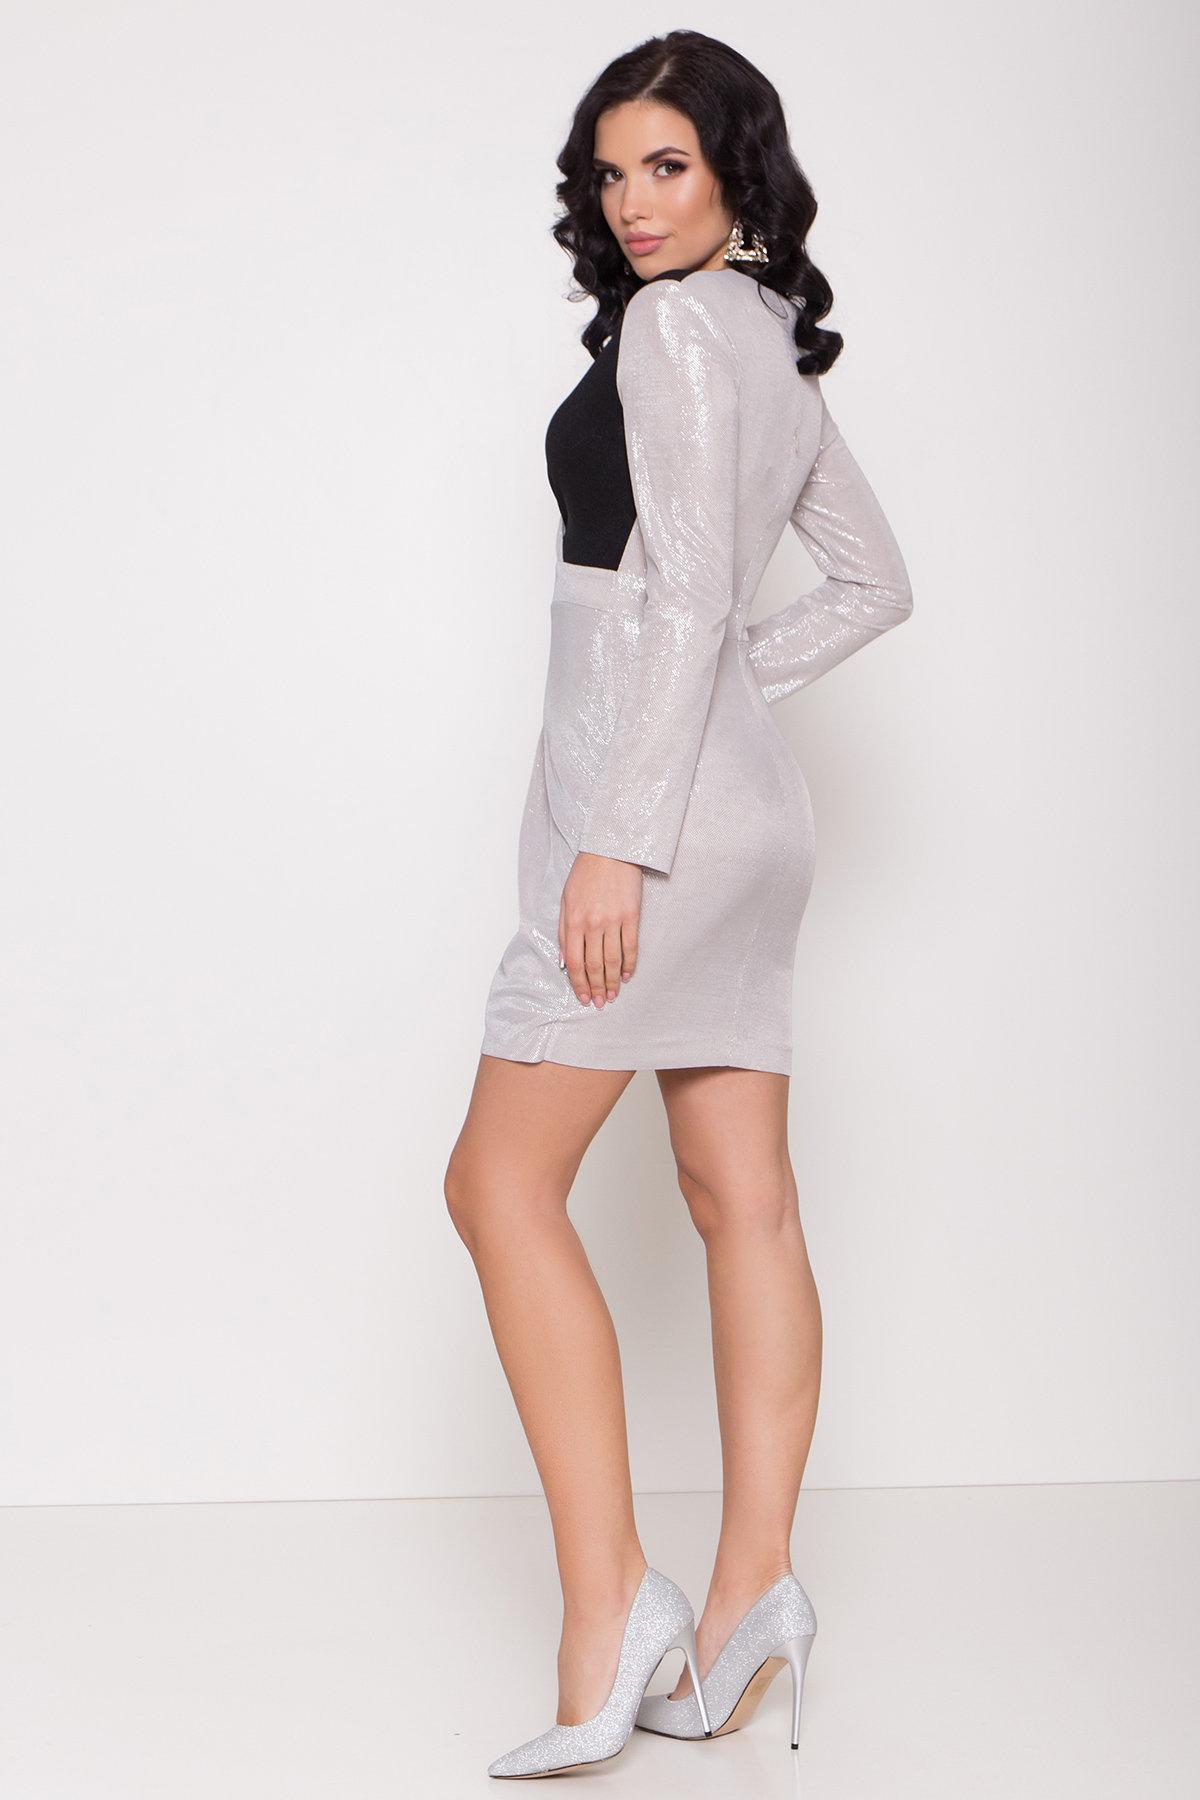 Контрастное двухцветное платье Блеск 8670 АРТ. 44988 Цвет: Серебро/черный - фото 5, интернет магазин tm-modus.ru